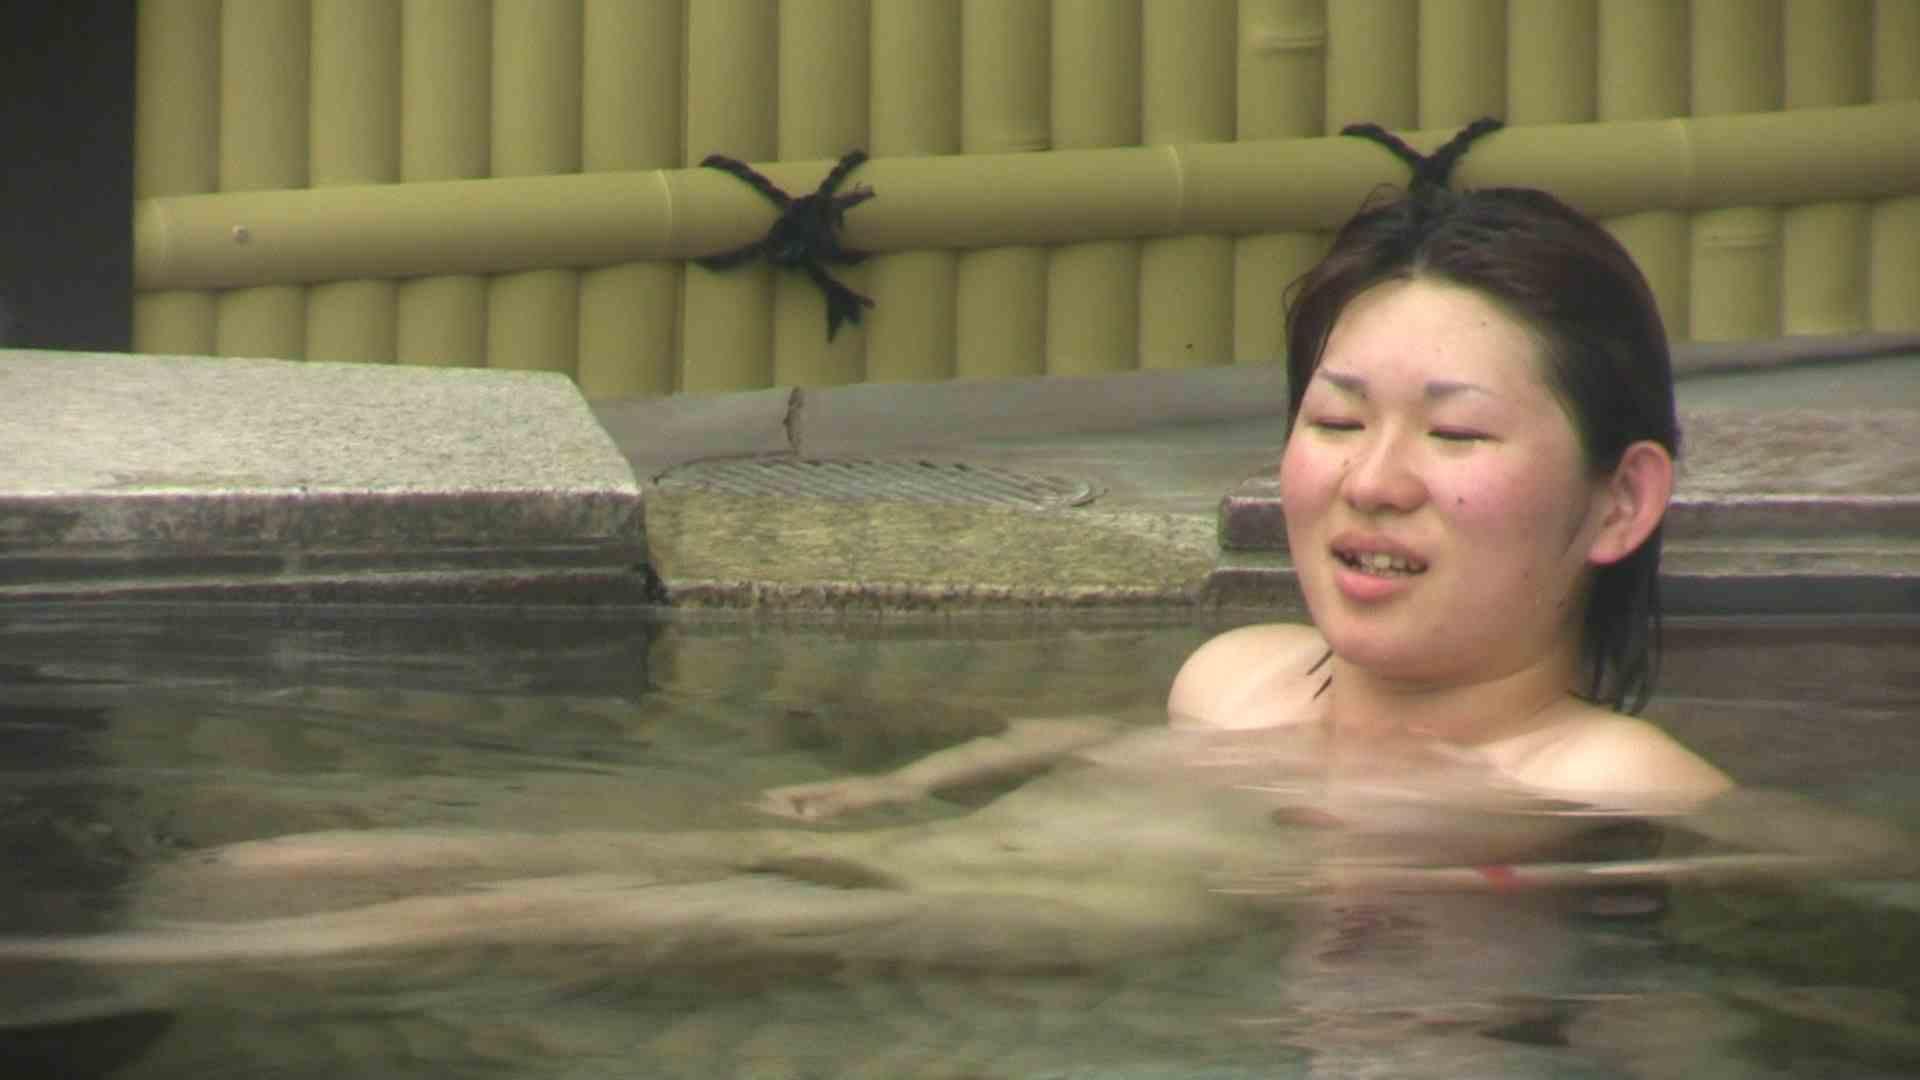 Aquaな露天風呂Vol.673 0  91pic 80